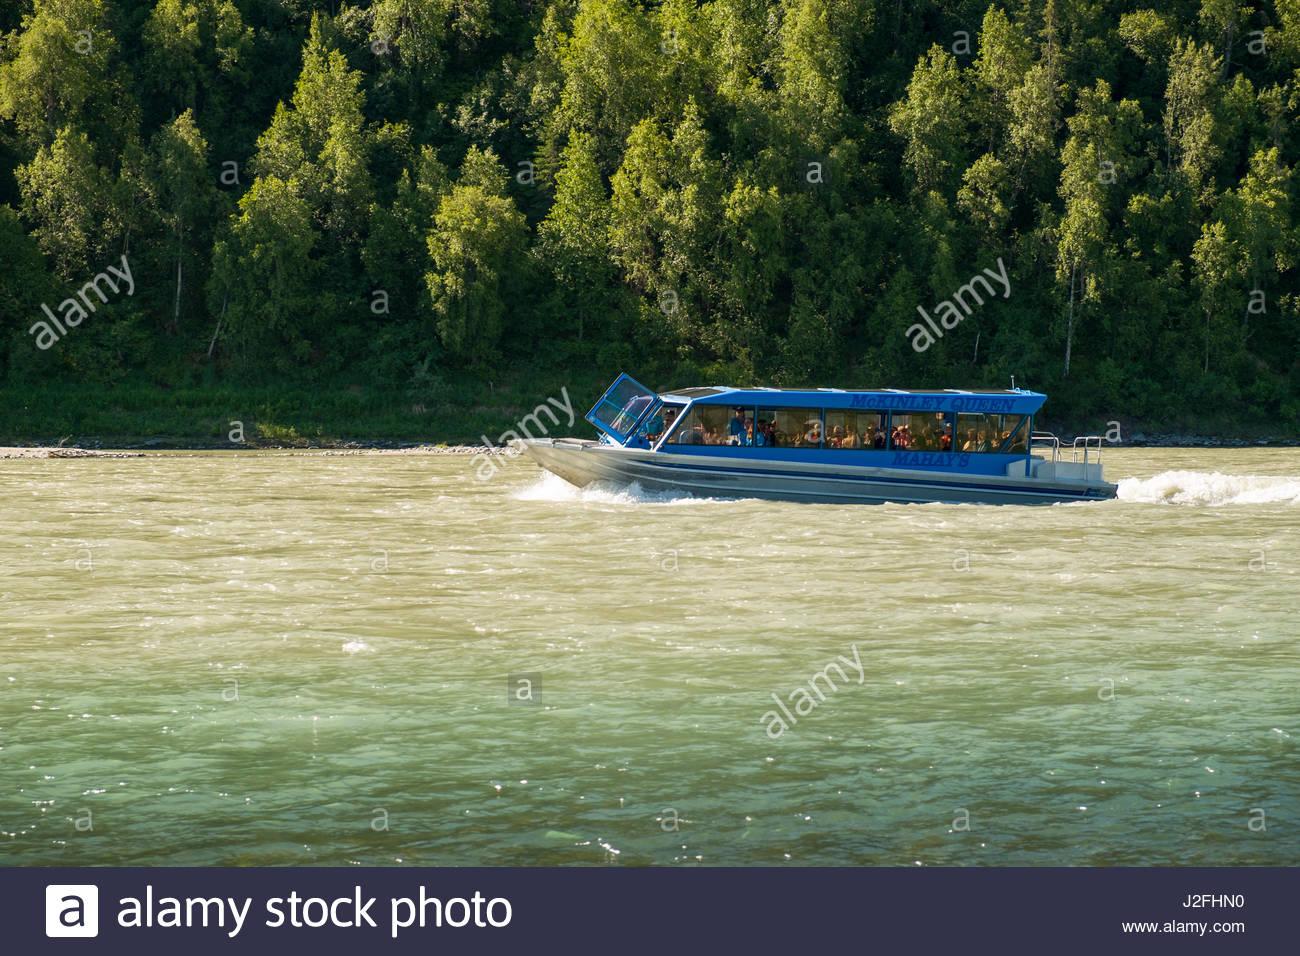 Mahay McKinley della regina Jet entrobordo tour in barca che viaggiano a monte sul fiume Susitna, Matanuska-Susitna, Immagini Stock